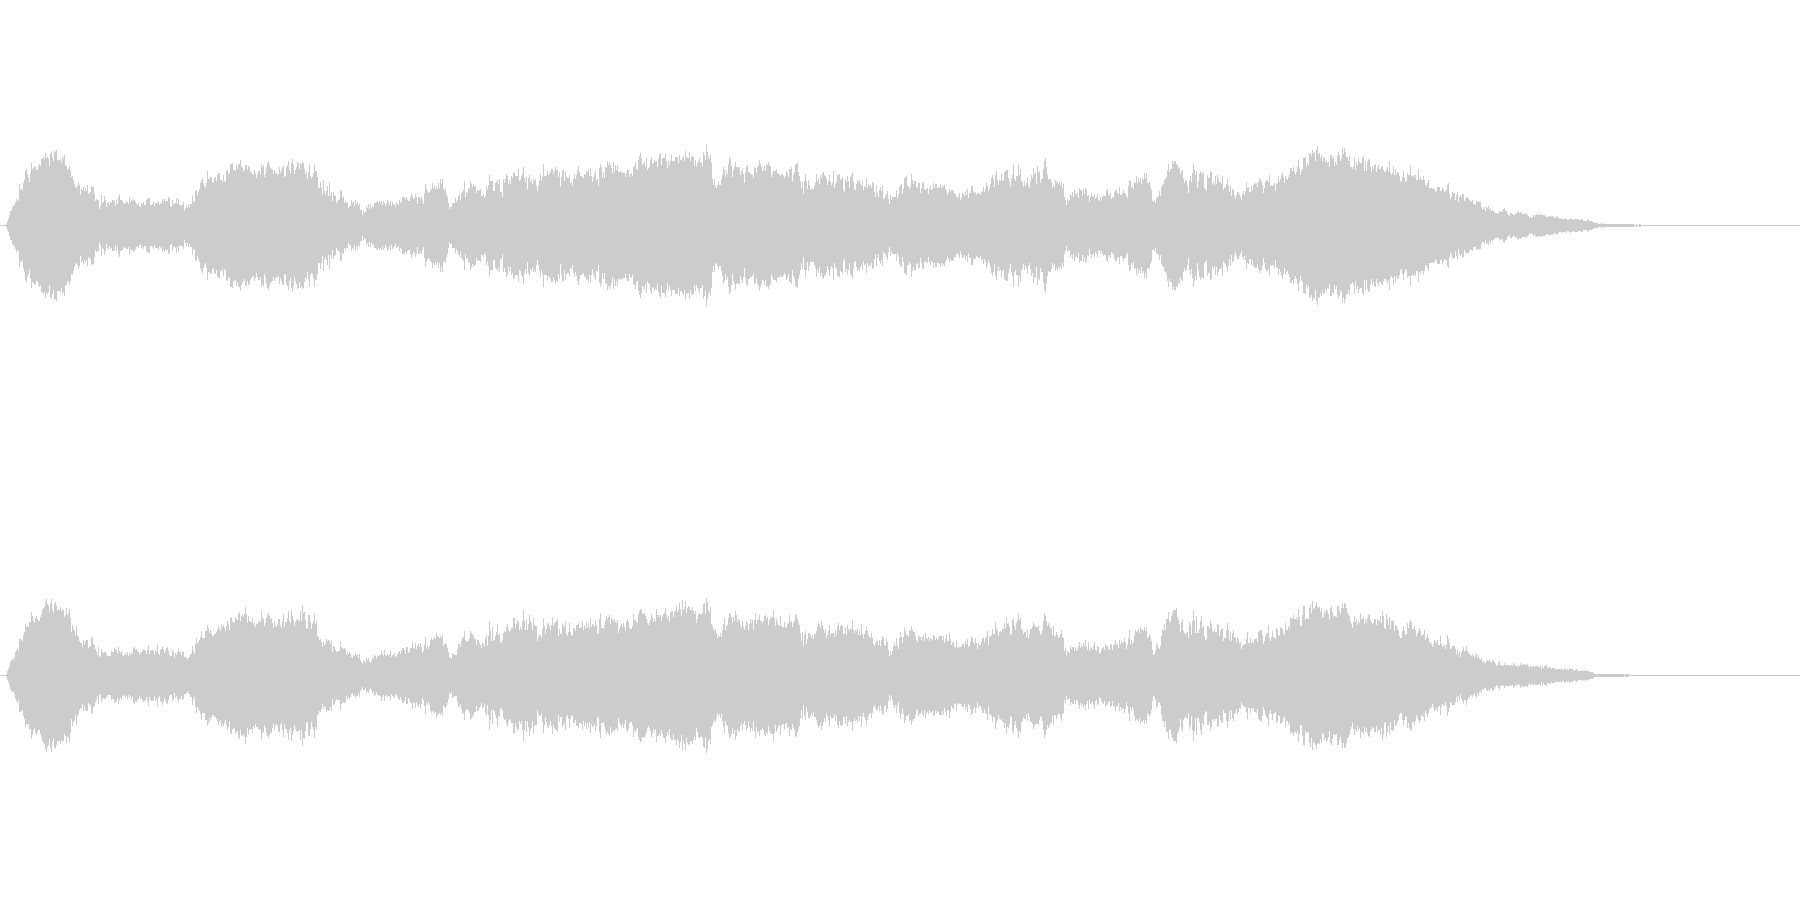 静かで暗い雰囲気の曲の未再生の波形